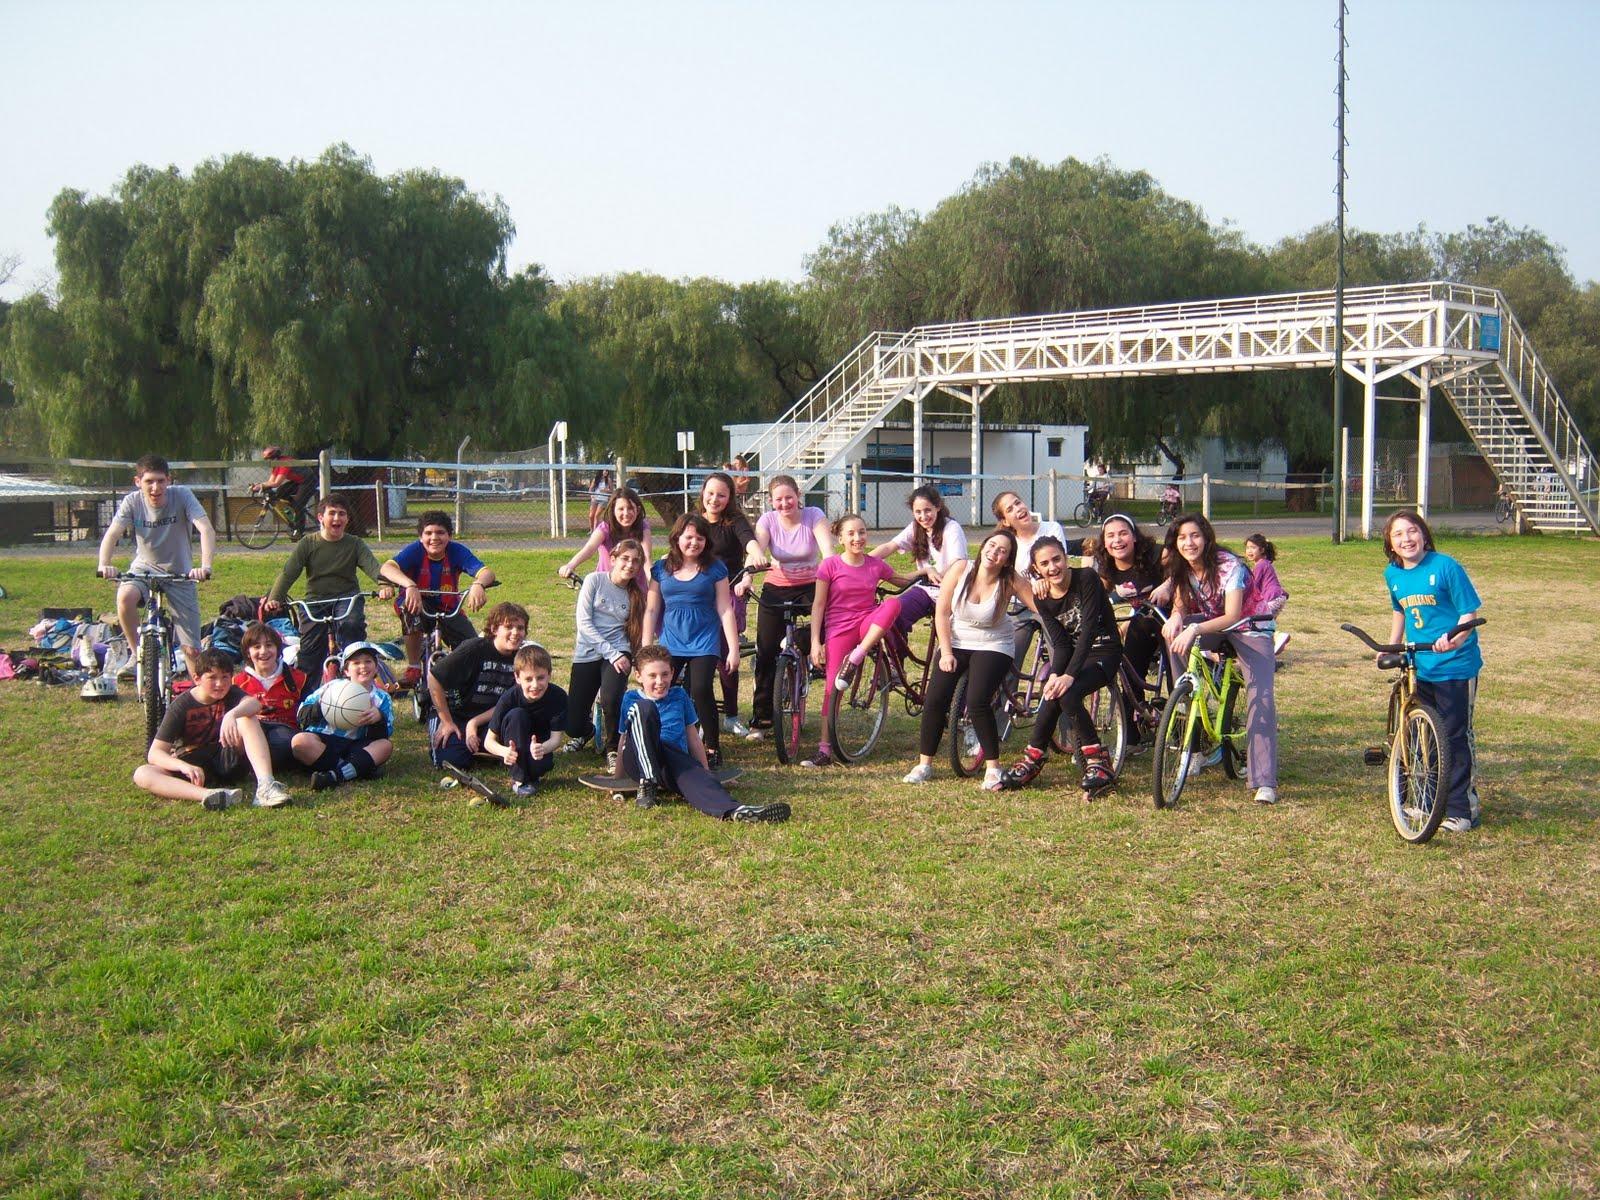 Circuito Kdt : Circuito kdt trompo y base con laberinto juego de habilidad